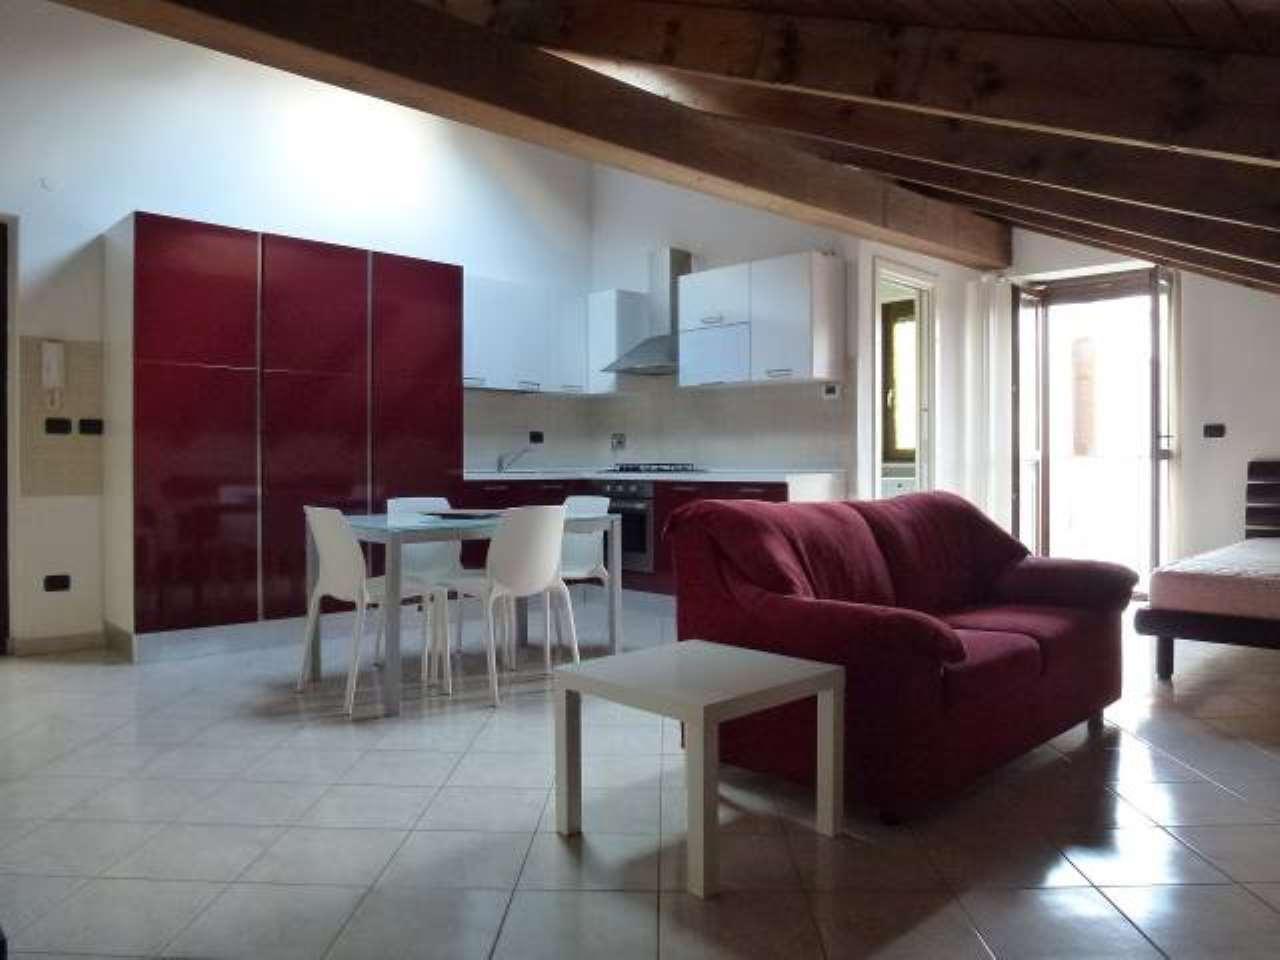 Attico / Mansarda in vendita a Vercelli, 1 locali, prezzo € 95.000   CambioCasa.it